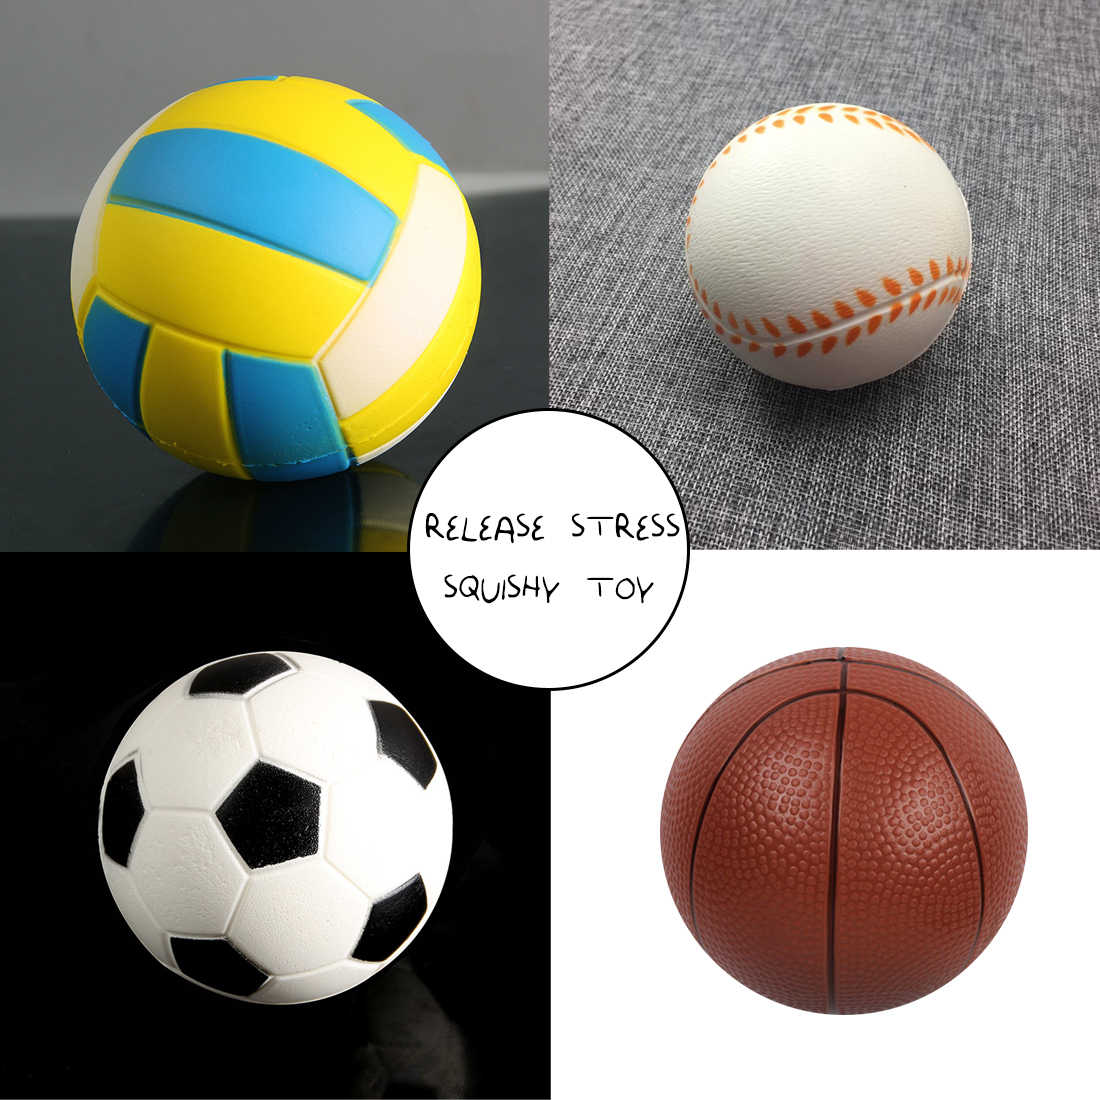 Etmakit Seksi Baru Jumbo Sepak Bola Bola Voli Untuk Squishy Slow Rising Lucu Telepon Straps Olahraga Bola Fun Anak Mainan Melepaskan Stres Hadiah